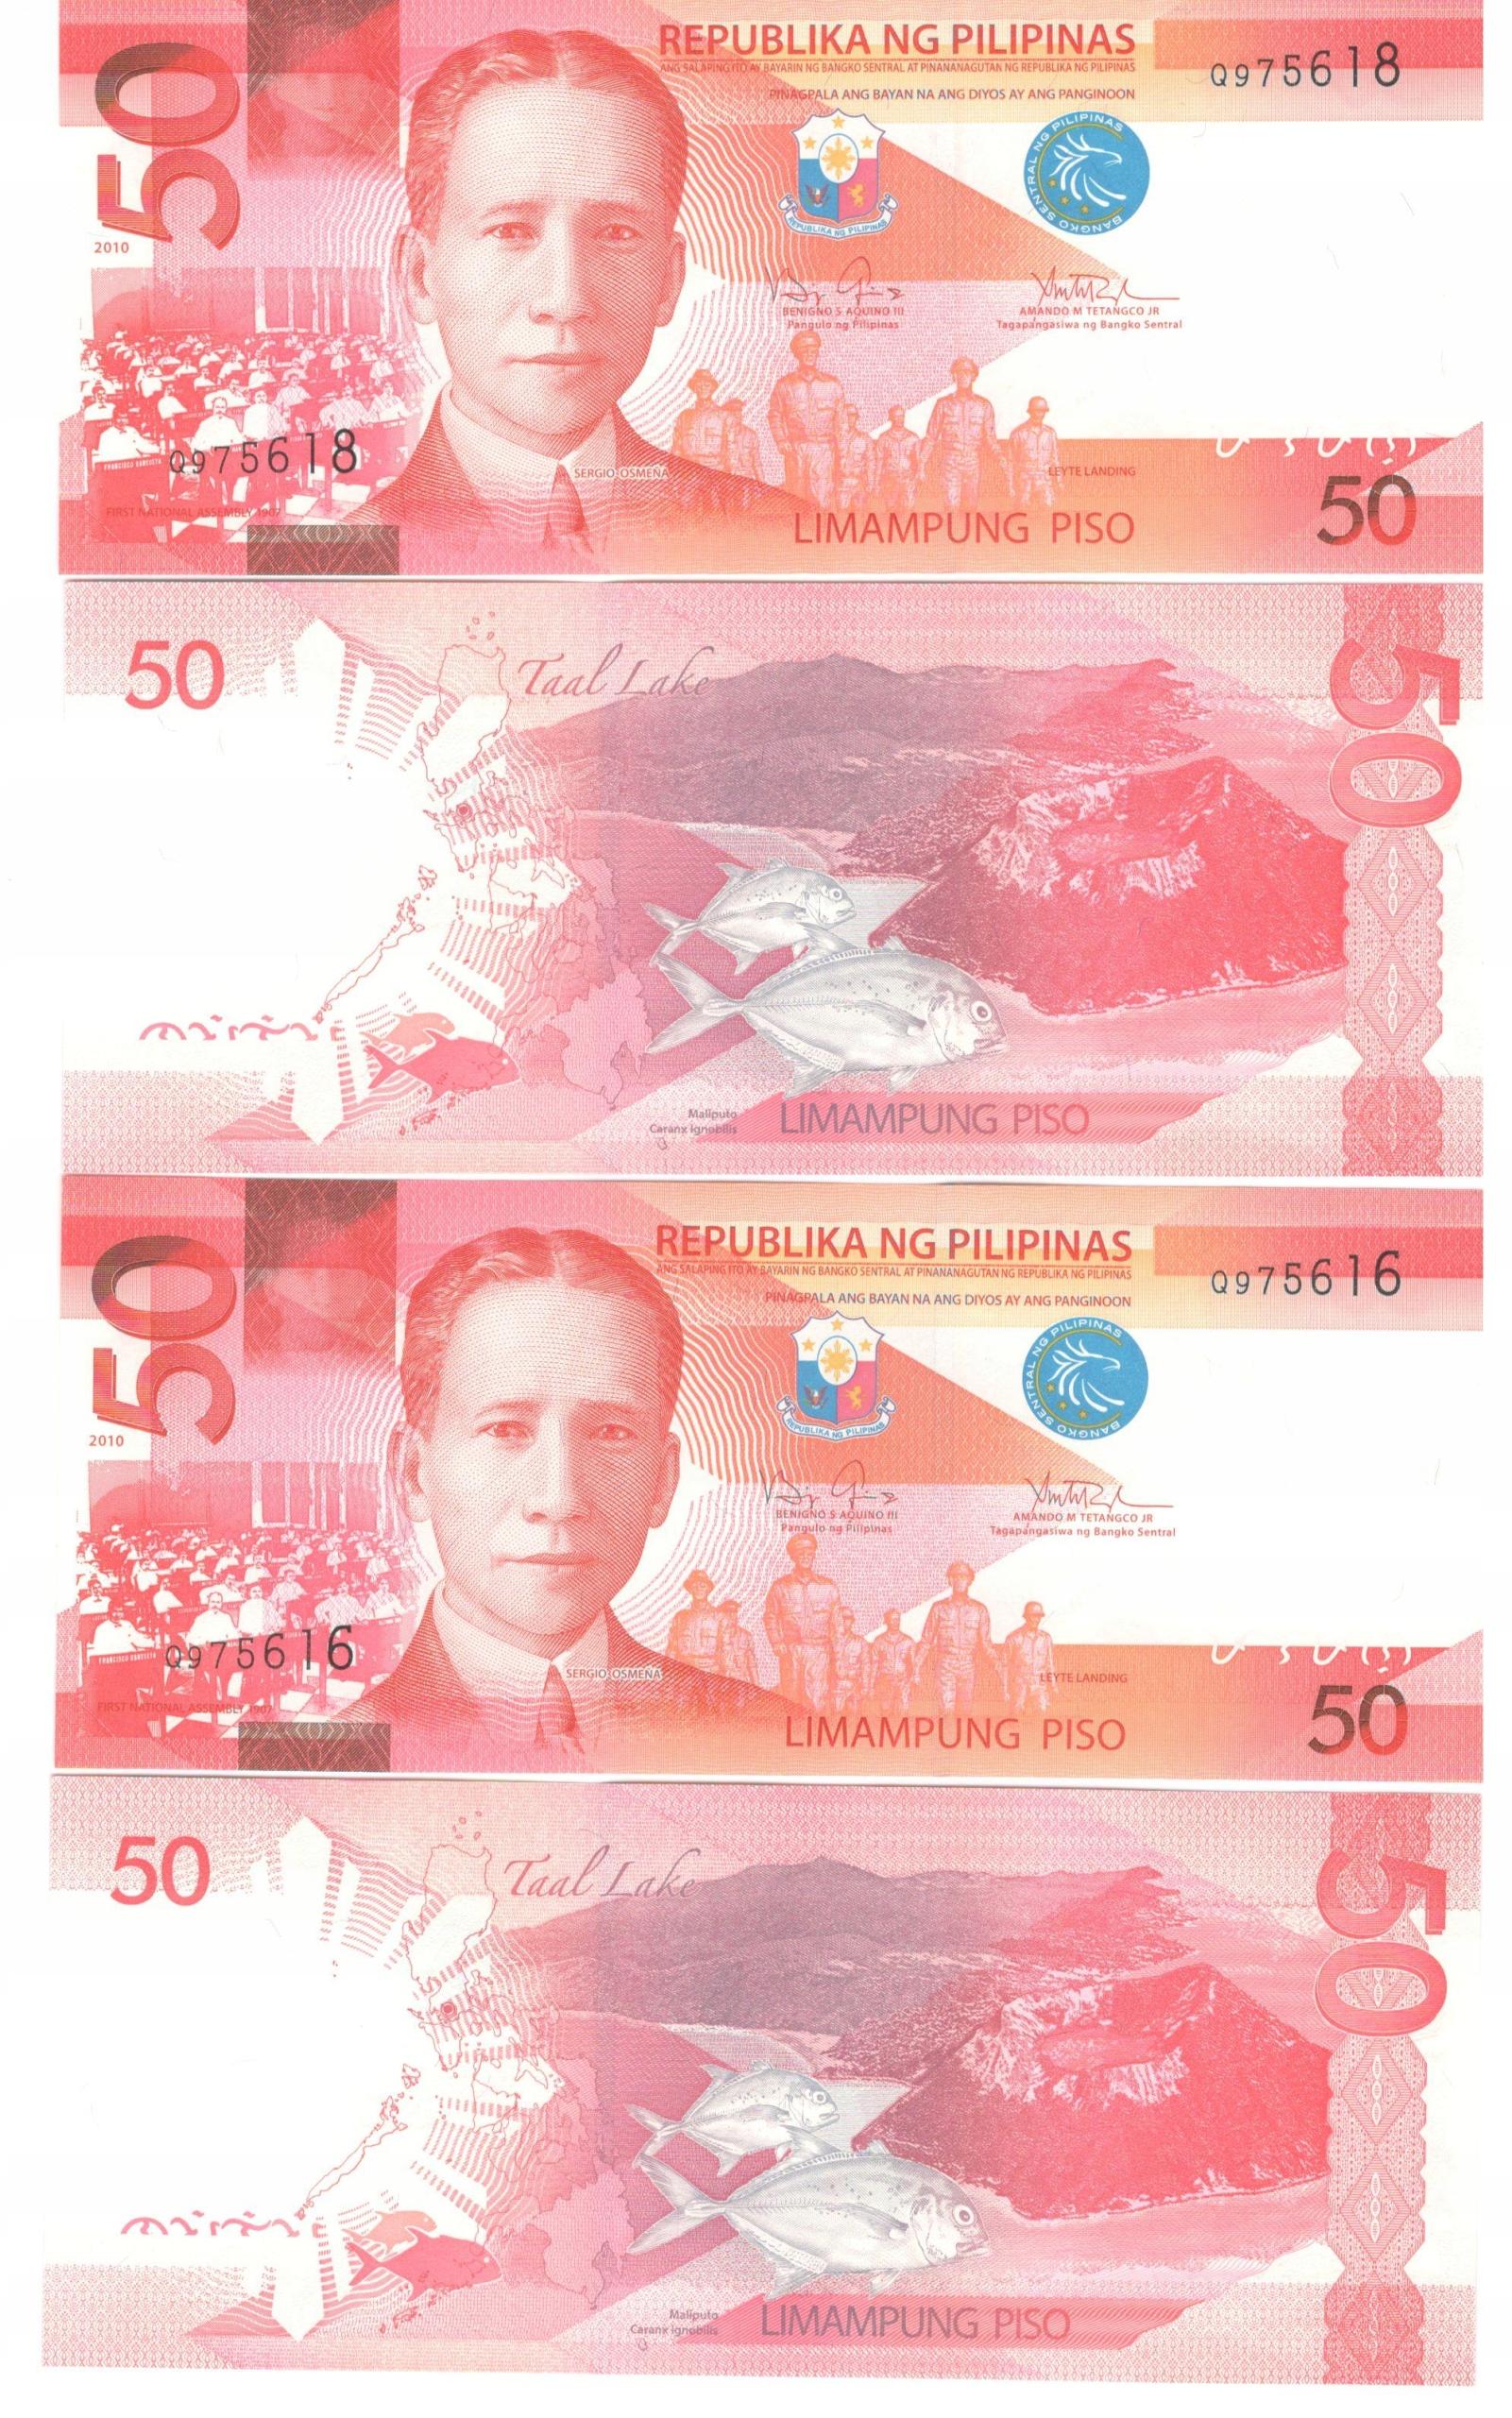 ФИЛИППИНЫ - 50 PESOS 2010 UNC